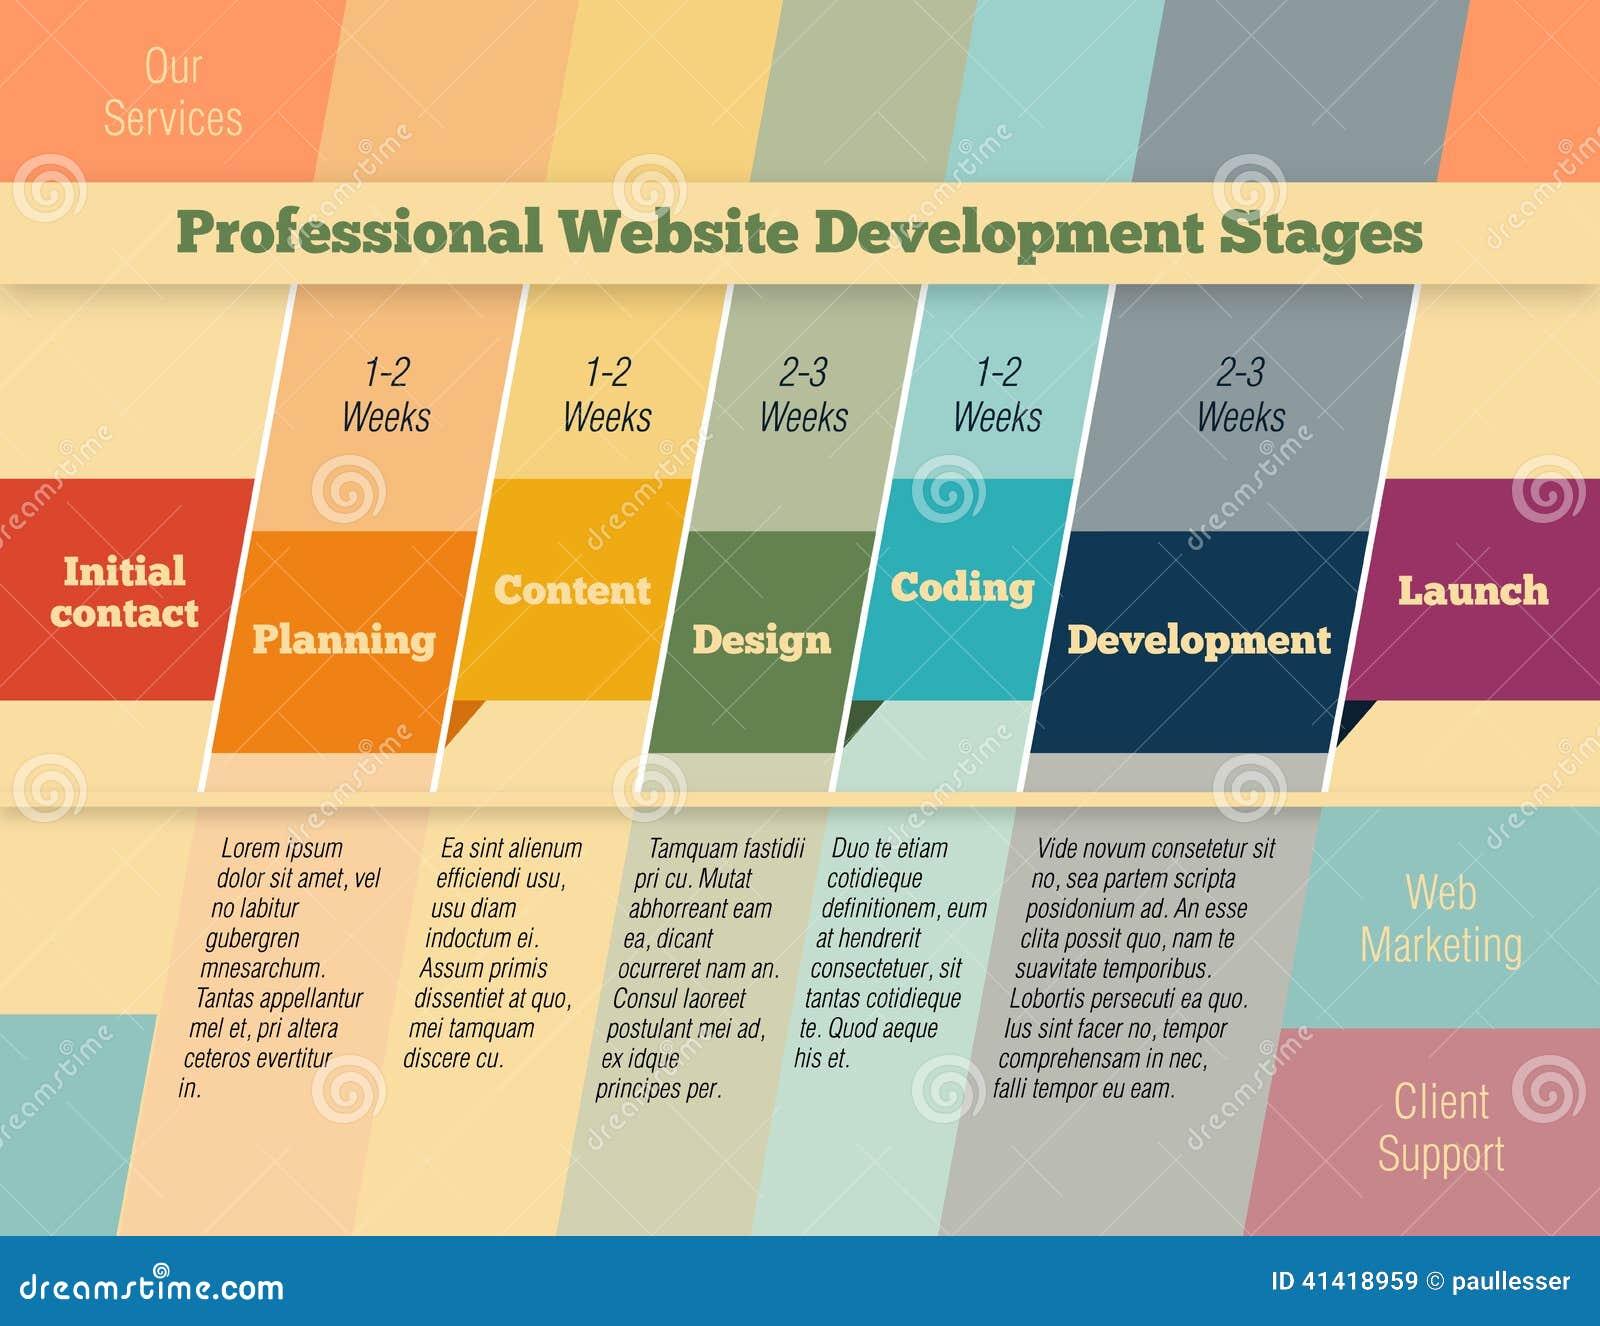 how to plan a website design